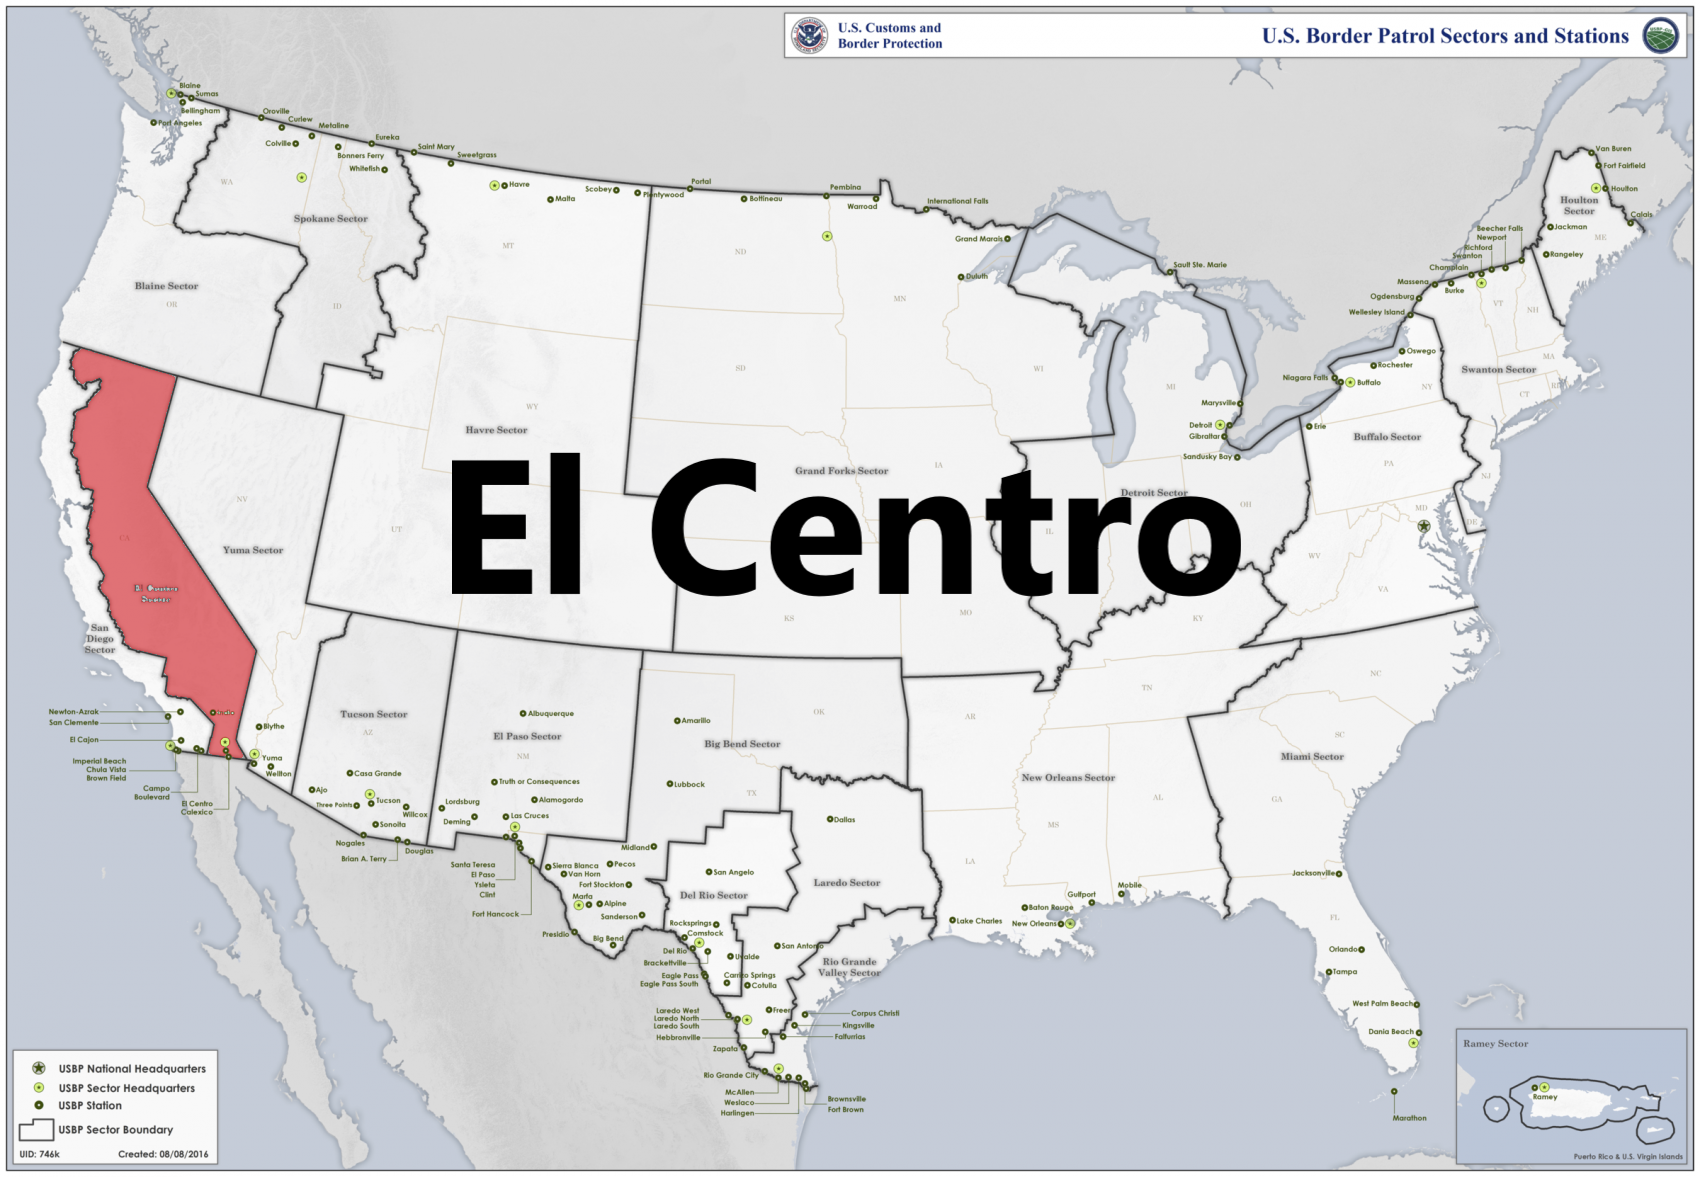 Border patrol sectors map - El Centro.png